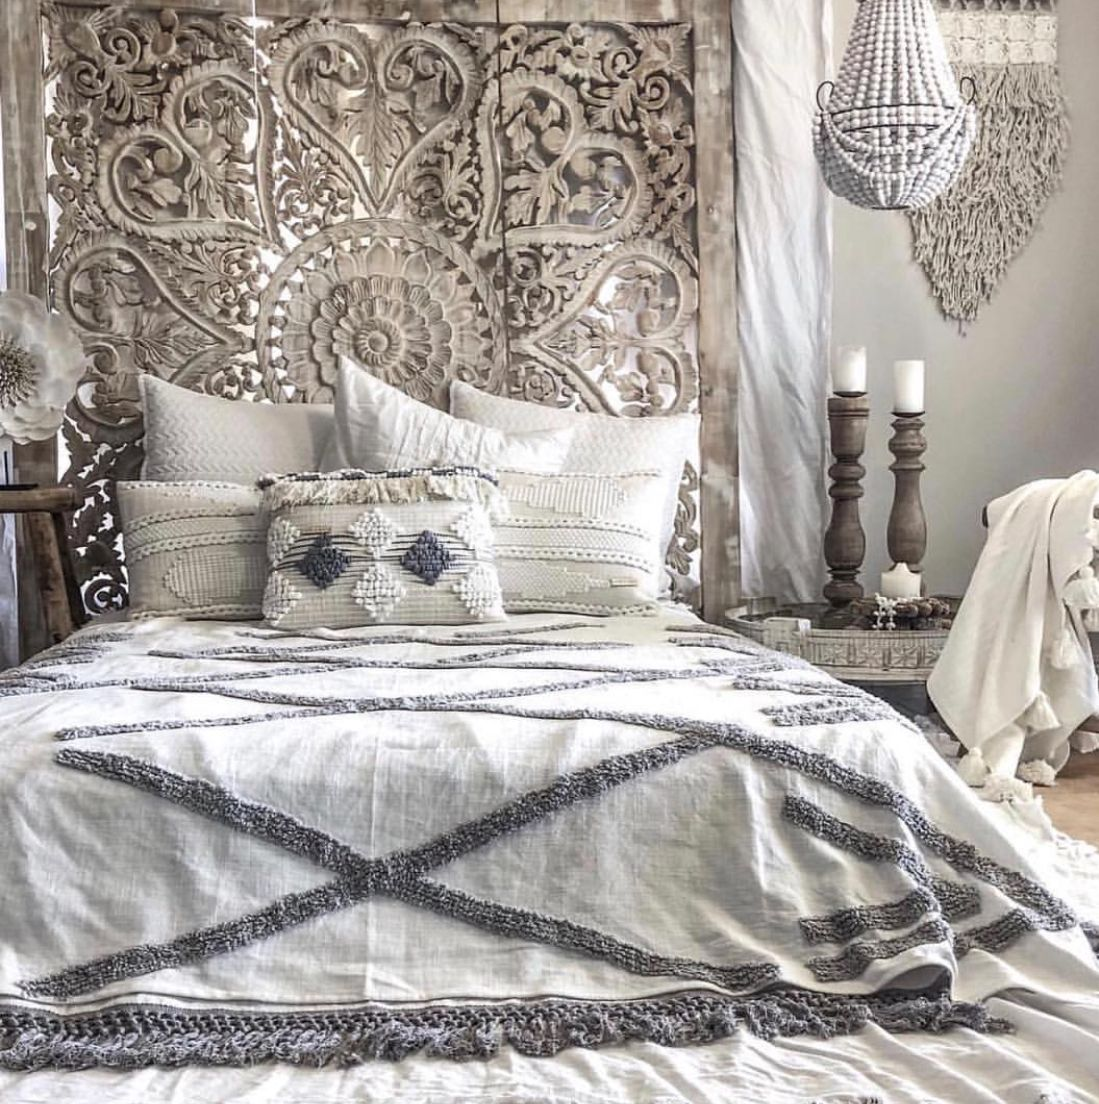 ☁︎┊ 𝙿𝚒𝚗𝚝𝚎𝚛𝚎𝚜𝚝 𝚝𝚑𝚎𝚛𝚒𝚡𝚘𝚡𝚘 🌙 Schlafzimmer design, Bett